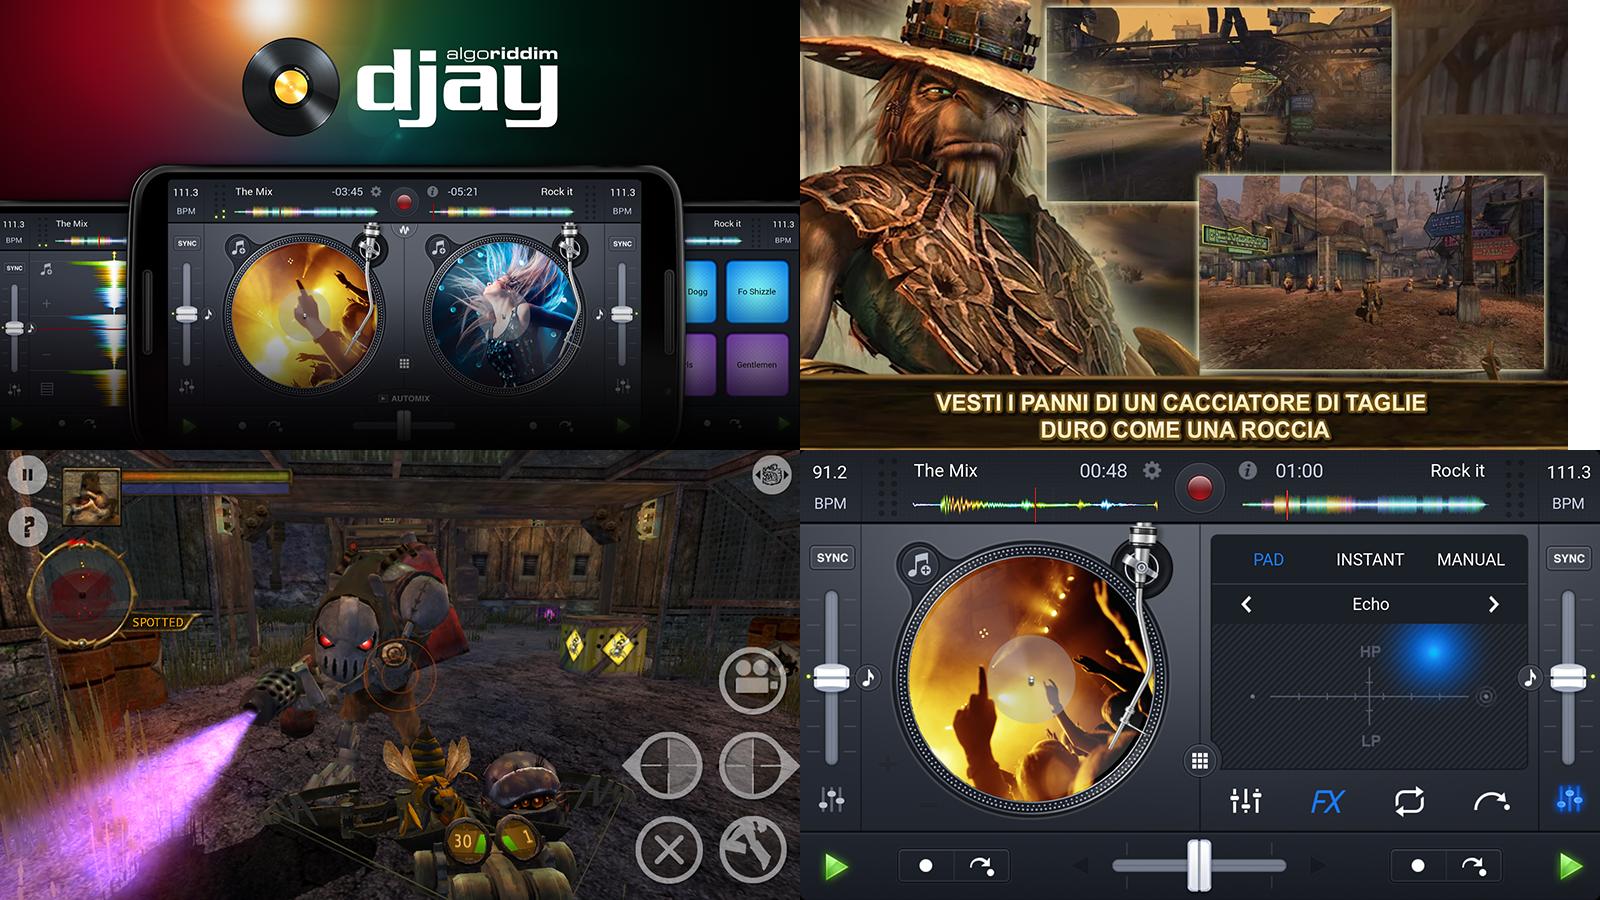 Finalmente due belle offerte della settimana sul Play Store: djay 2 e Oddworld: Stranger's Wrath!